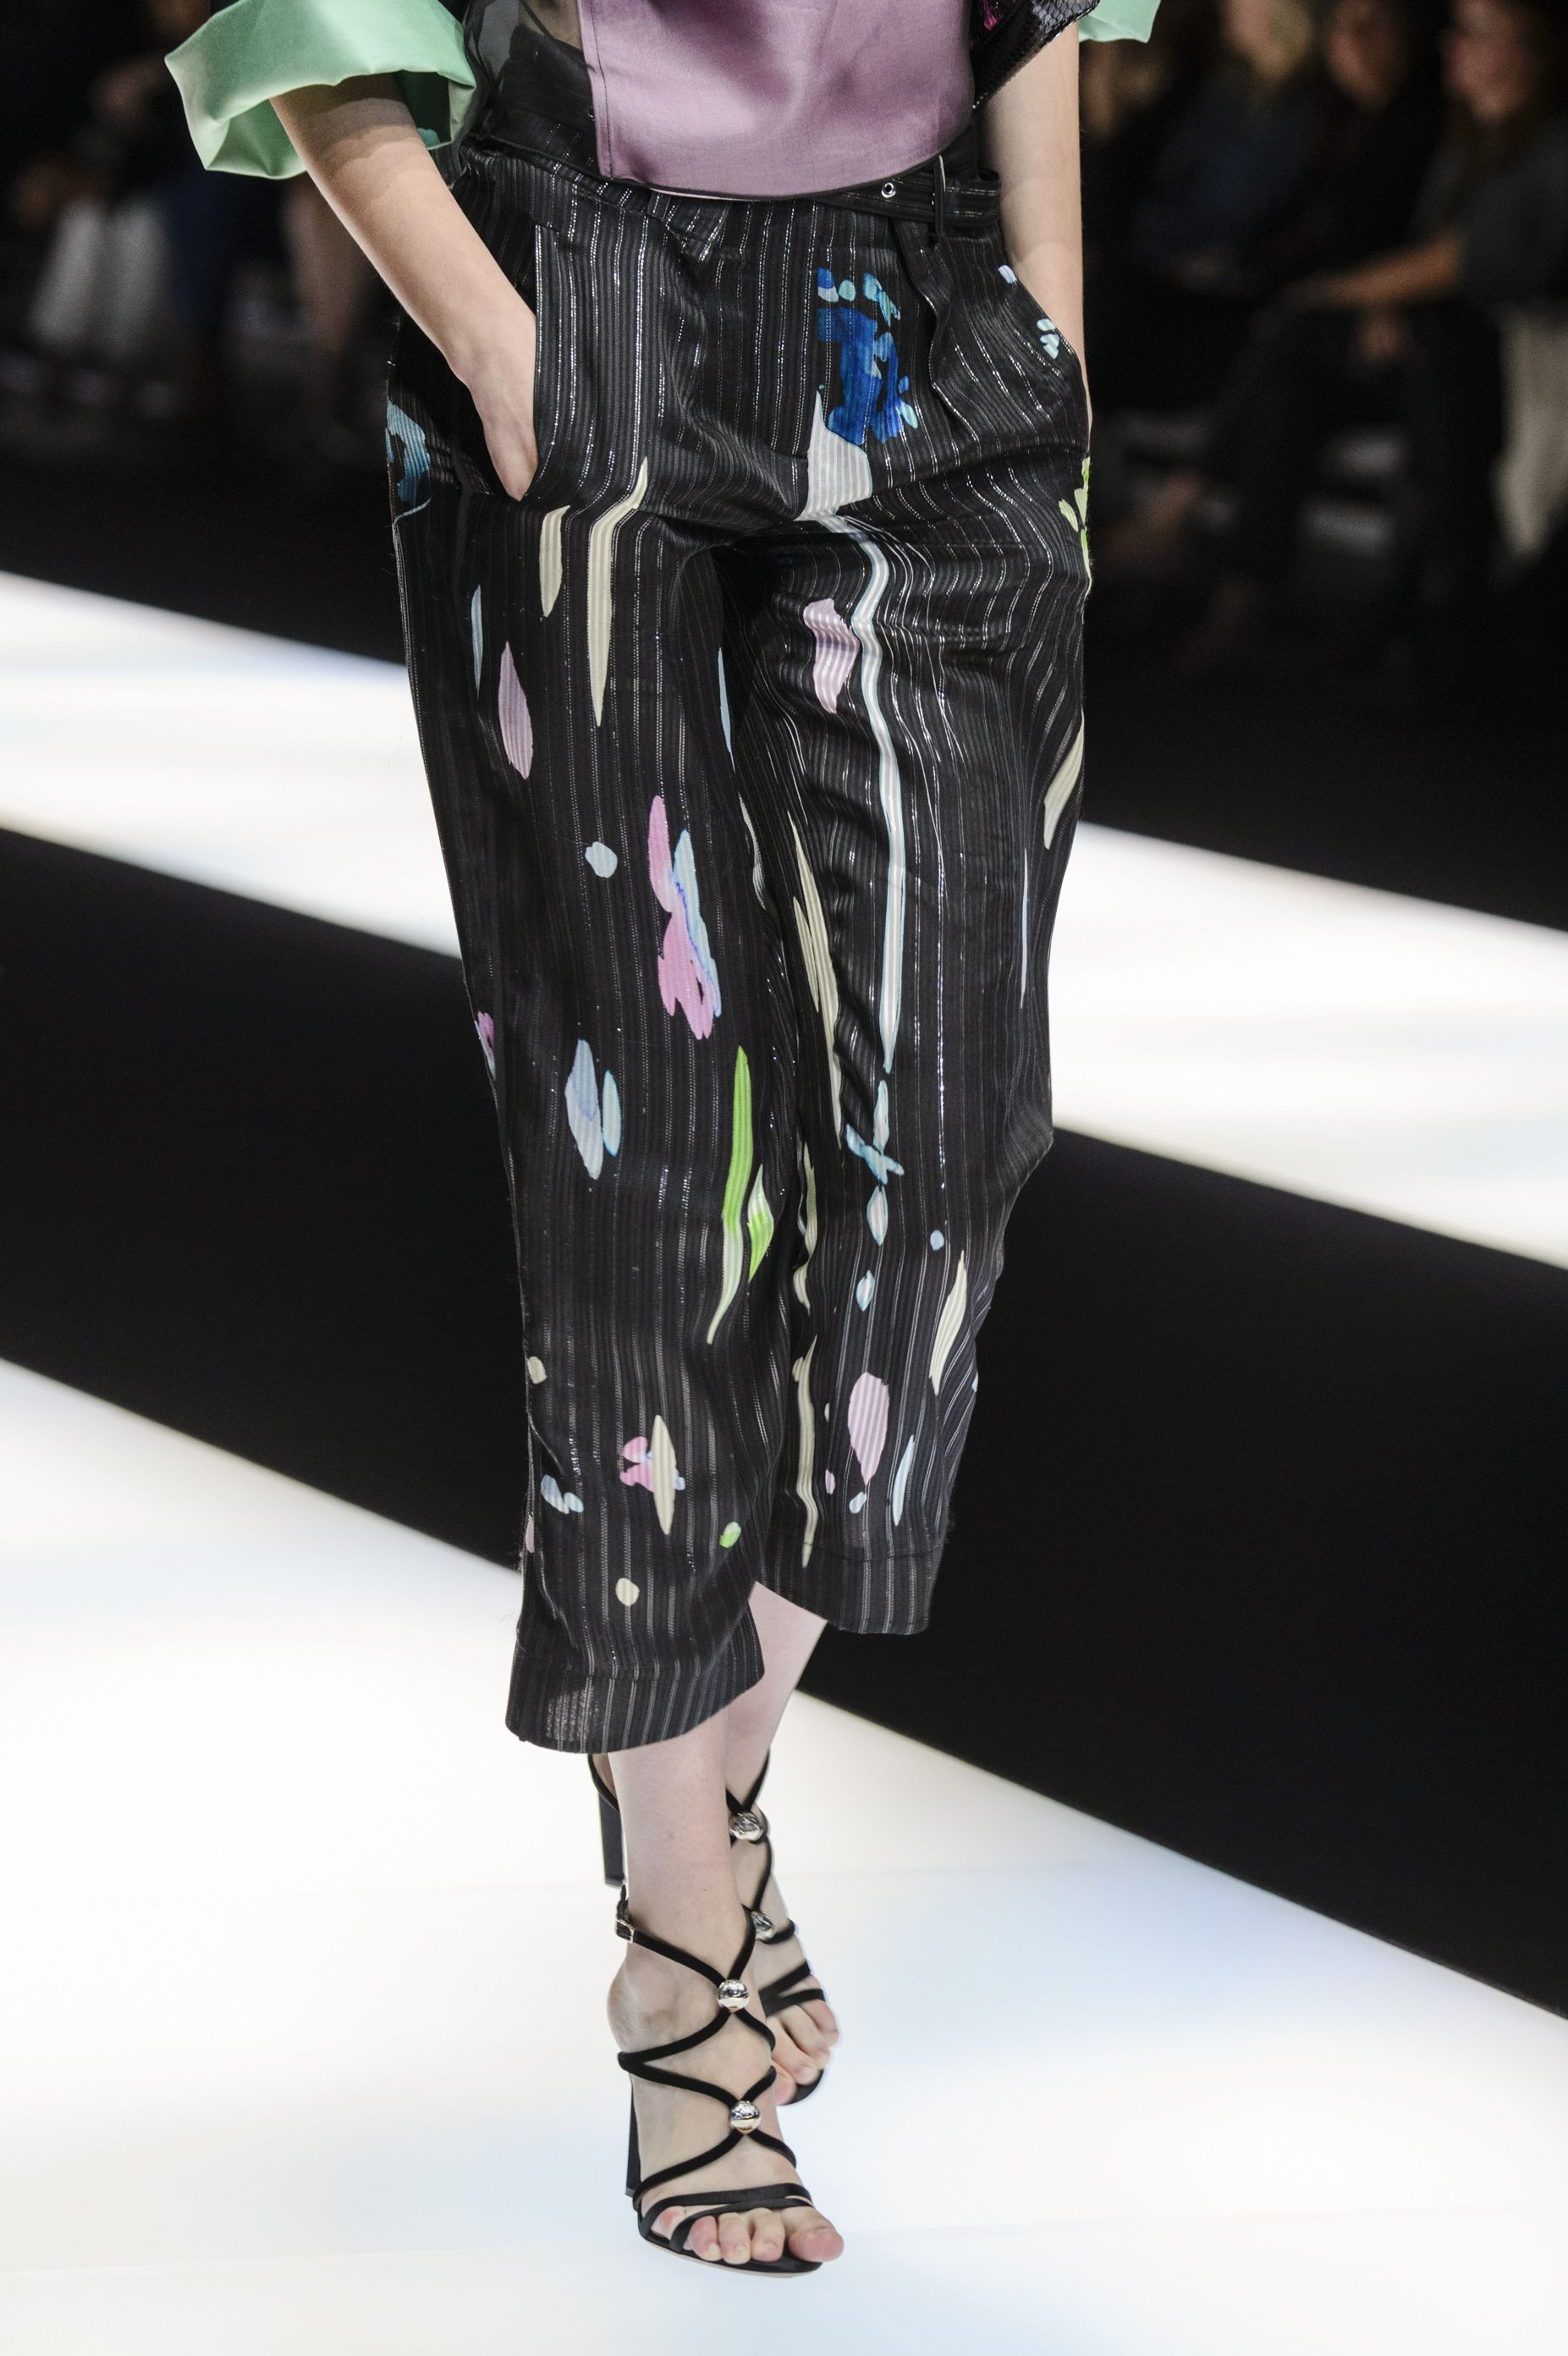 Pantaloni Per PalazzoCome Abbinarli Elegante Essere QdrCBoxWe